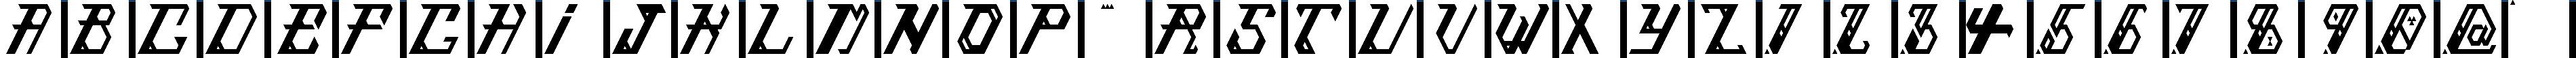 Particip-a-type v.305